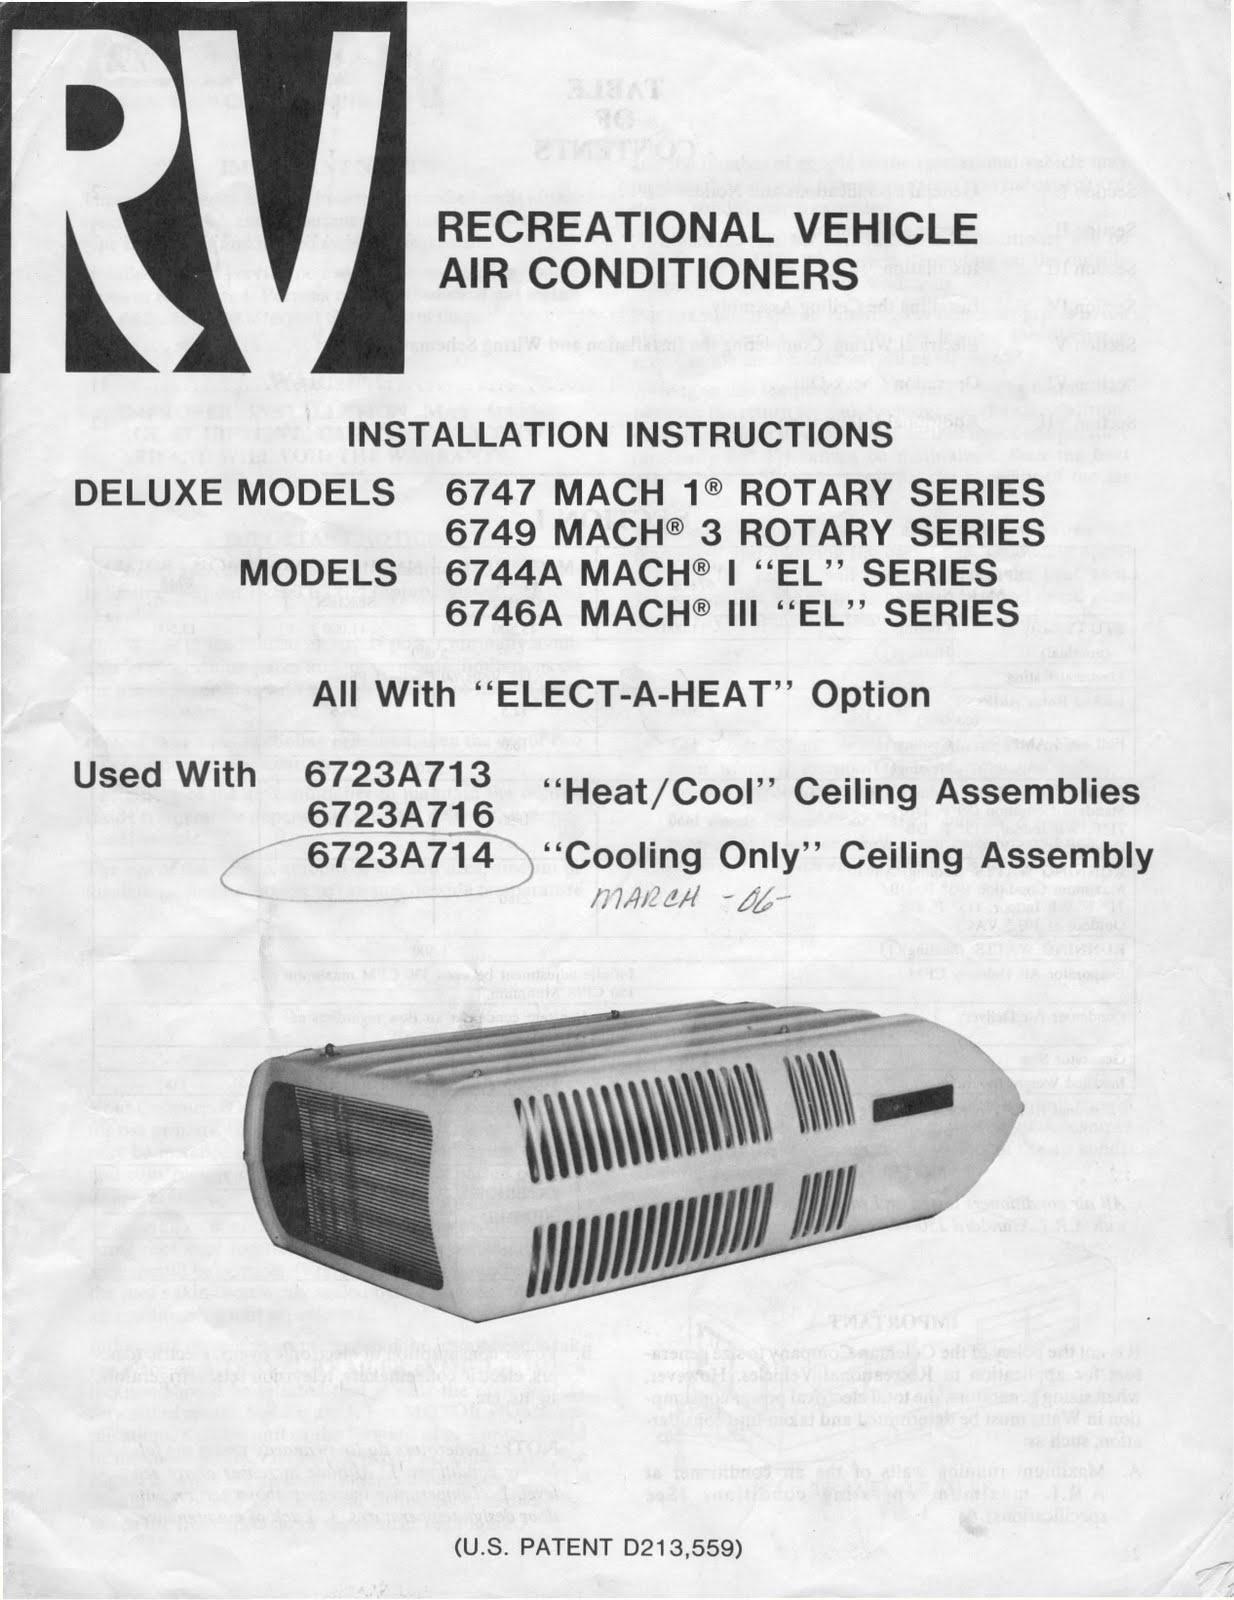 coleman+roof+ac0001%5B1%5D 001 coleman mach air conditioner wiring diagram,Coleman Mach Rv Ac Wiring Diagram 3